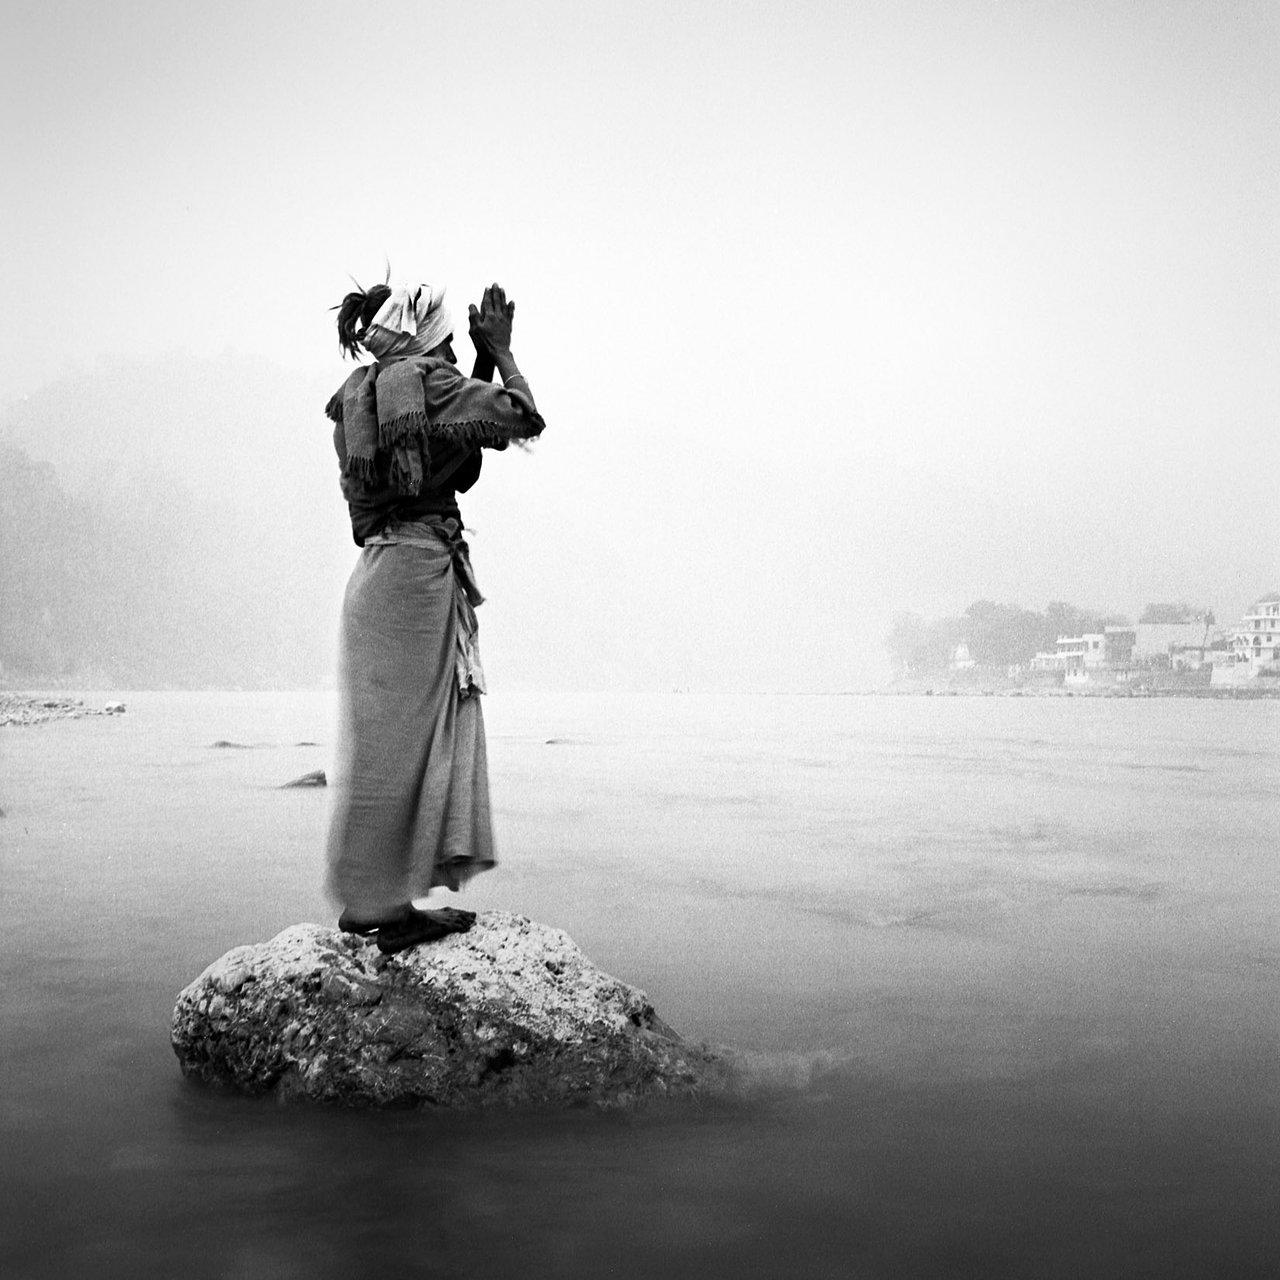 Prayer to The River, Rishikesh